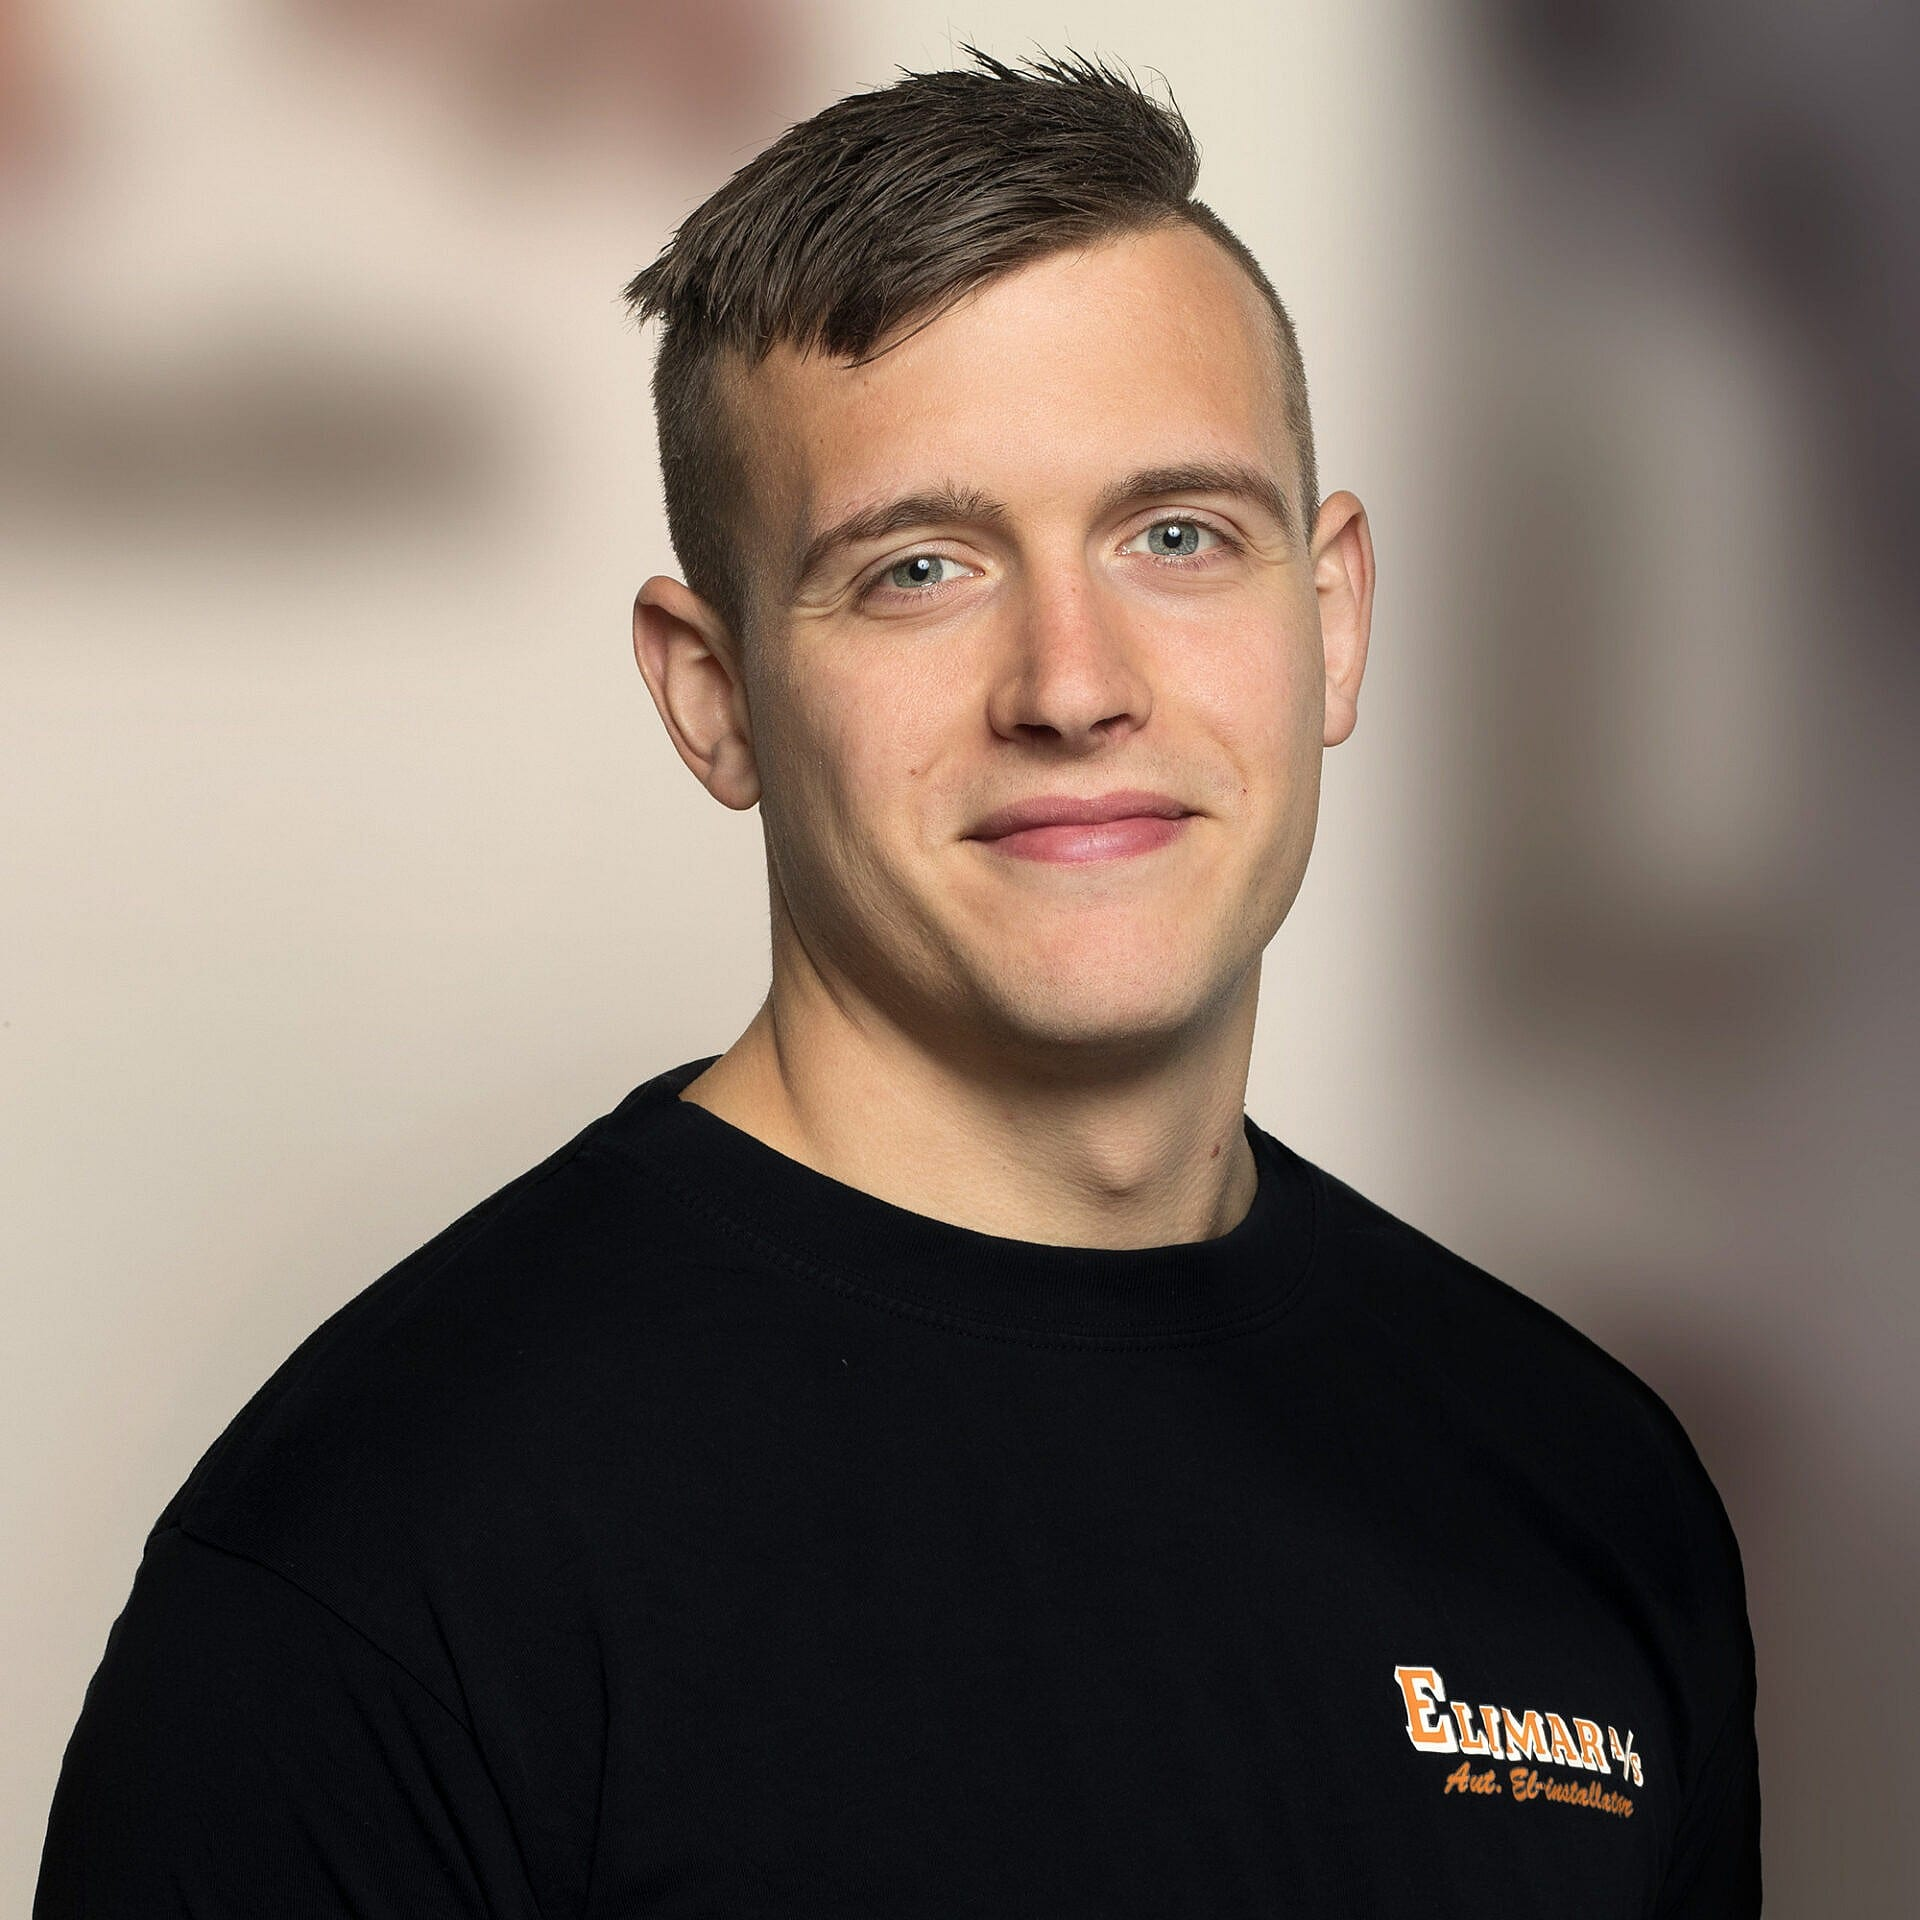 Patrick Sandby Knudsen